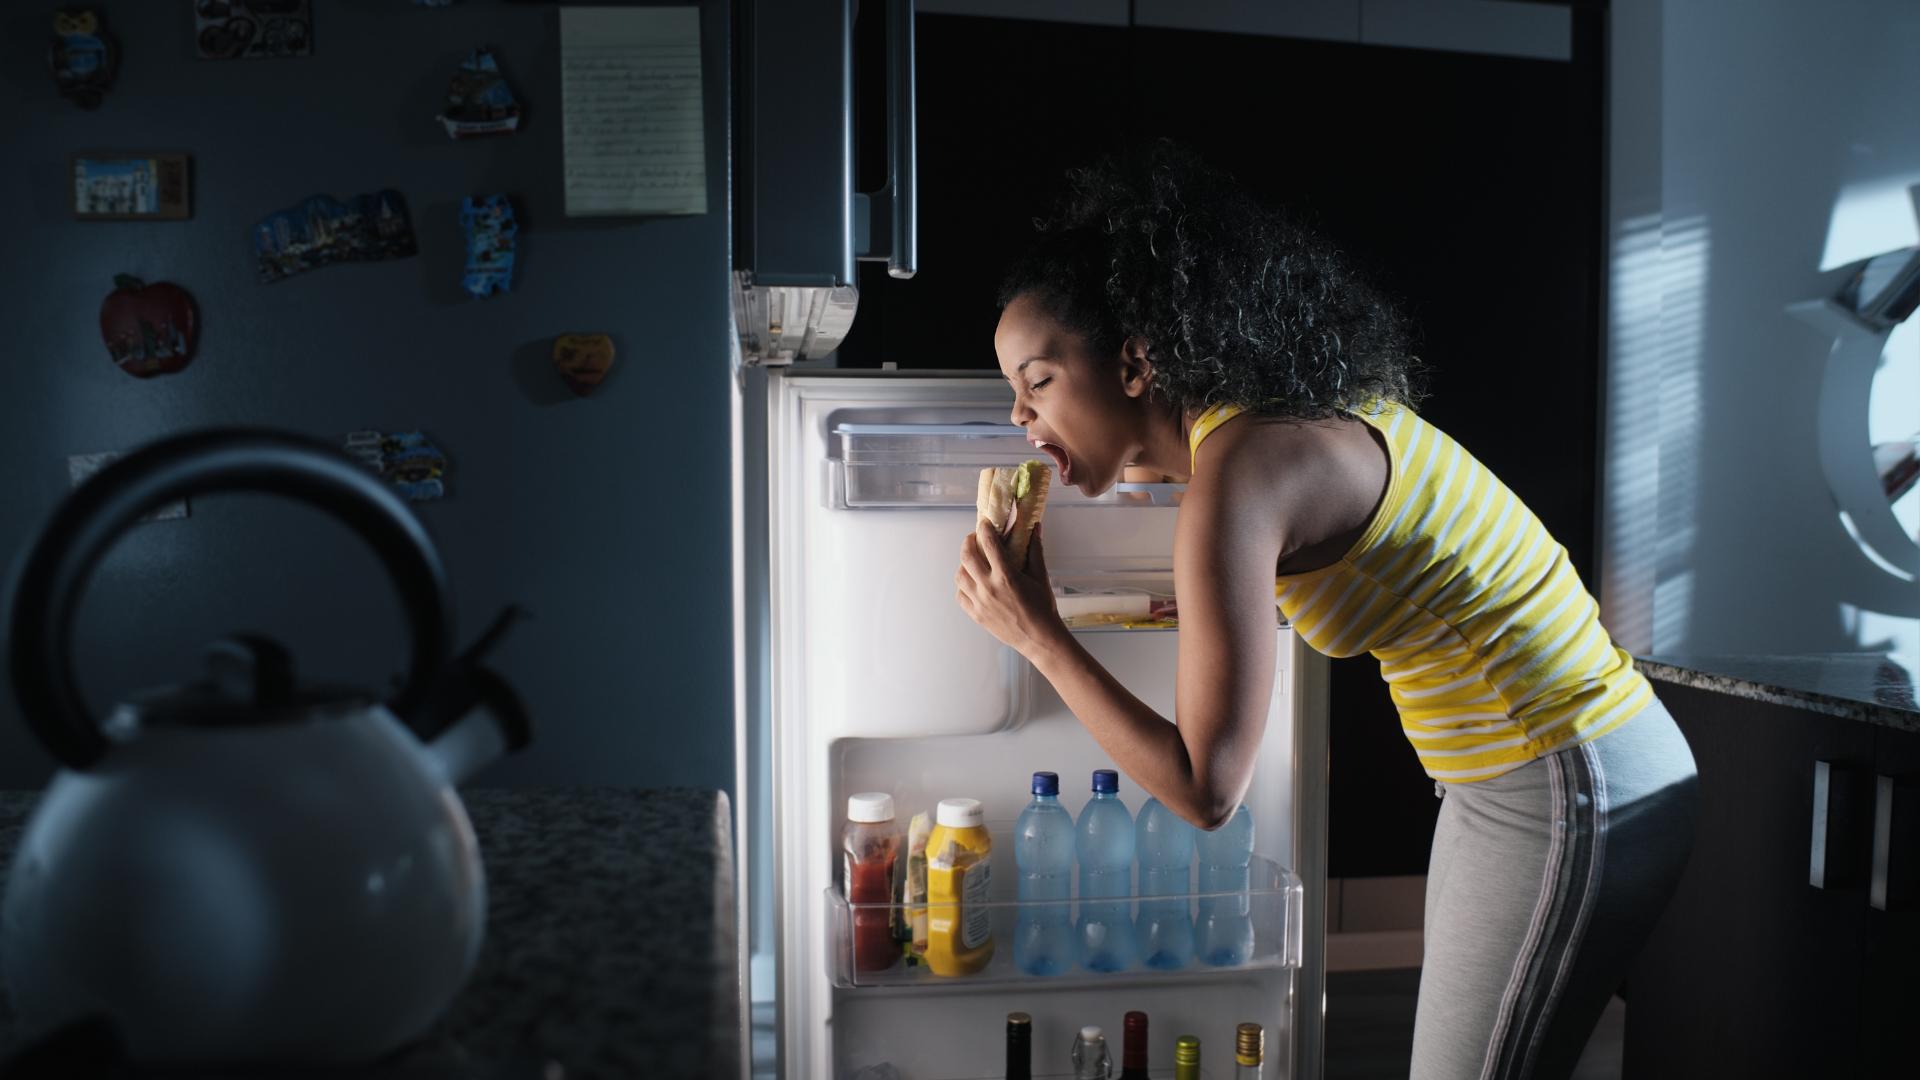 Bored fridge snacking